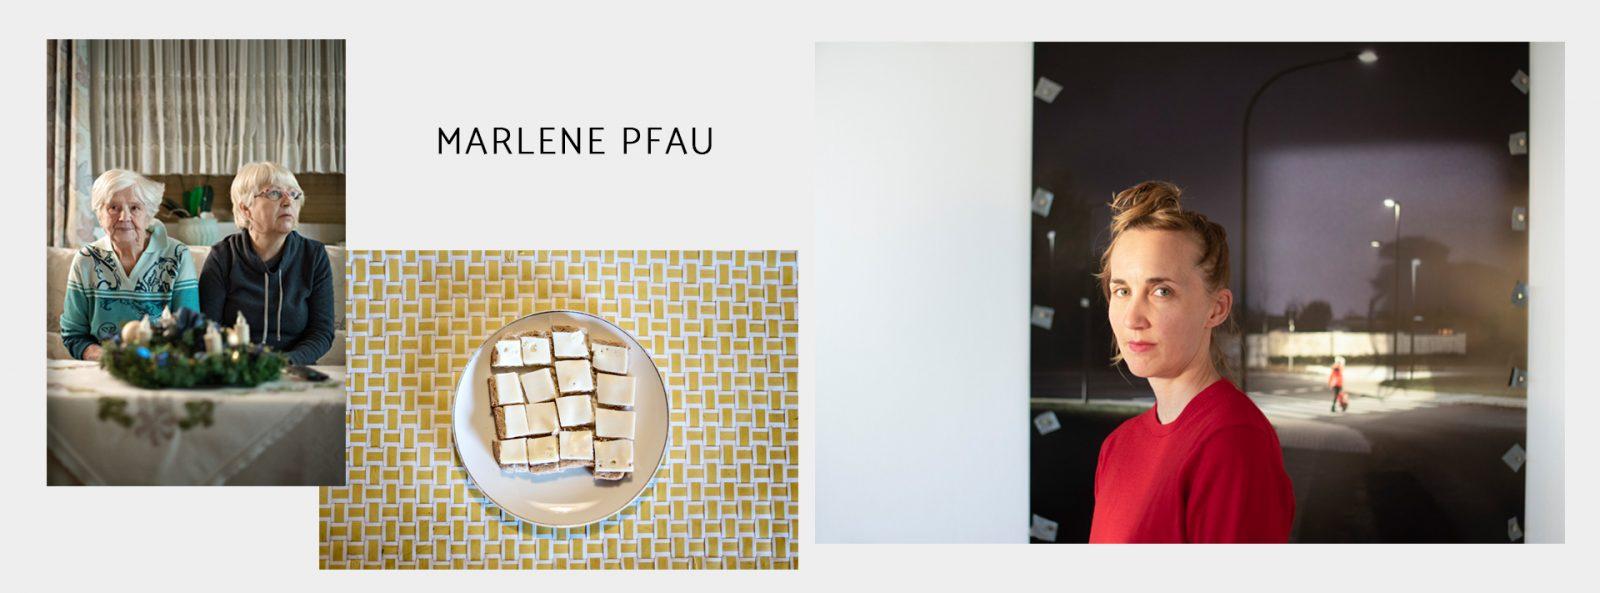 Beflügelt von Marlene Pfau | Fotografin | Gewinnerin des Kunstpreises Fotografie 2020